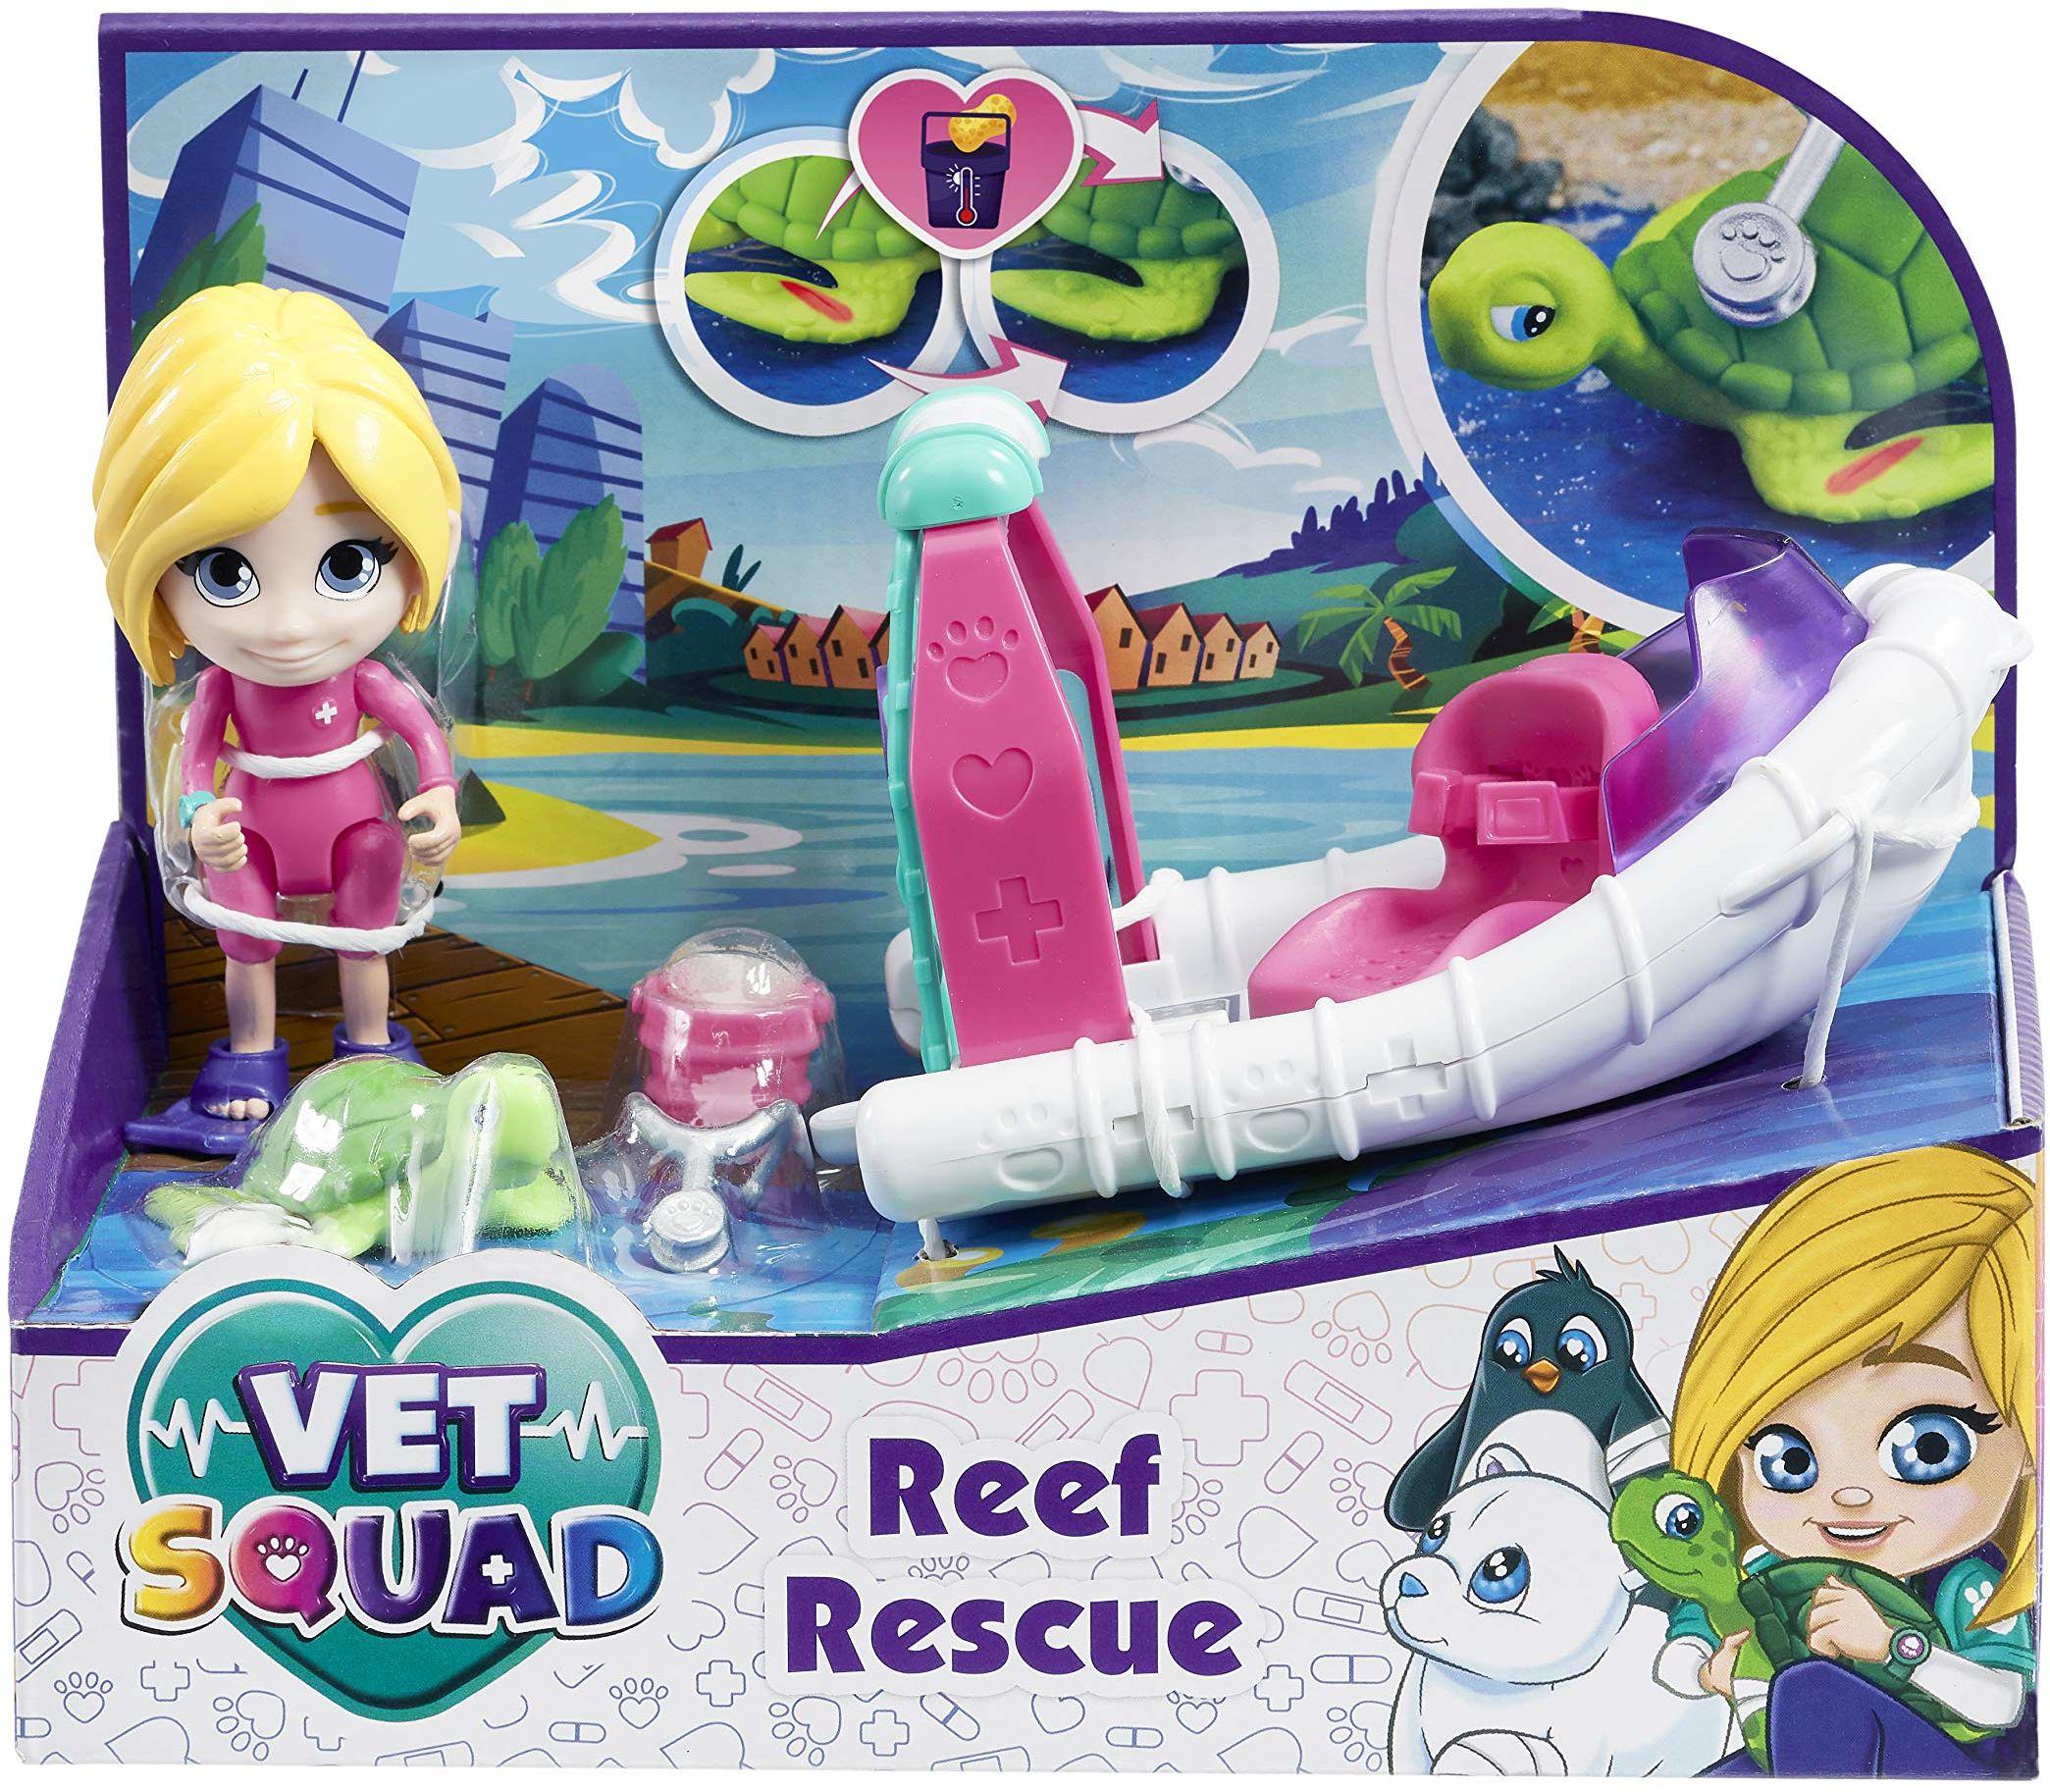 Vet Squad Reef Rescue-Emily & Boat, 7,5 cm przegubowa figurka weterana z pojazdem, zwierzęciem i akcesoriami